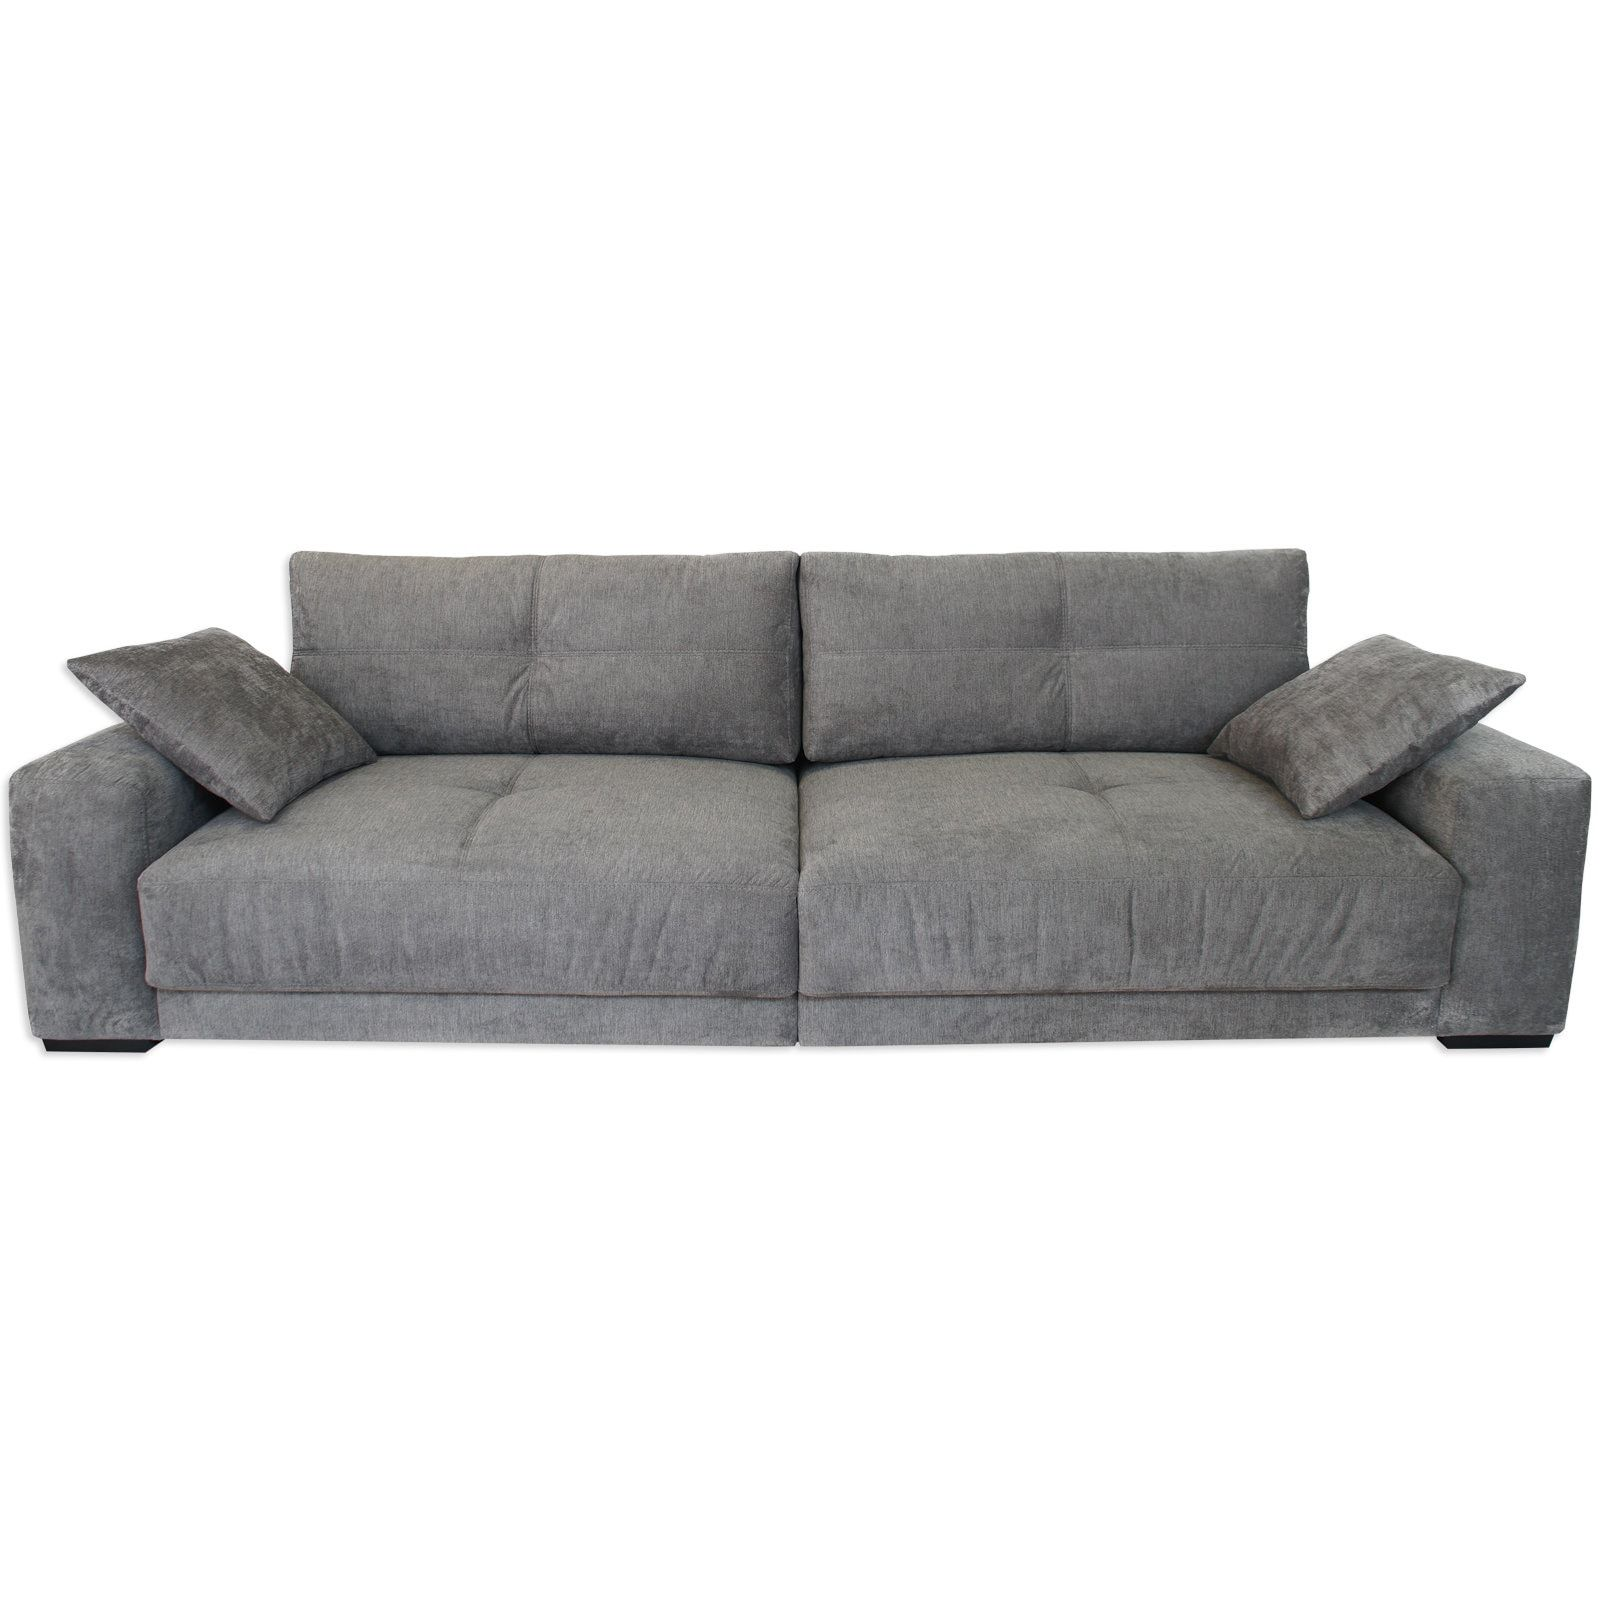 Full Size of Big Sofa Toronto Roller Bei Grau Rot Couch Arizona Sam Microfaser Darkgrey Sofas Schlafsofa Liegefläche 180x200 Poco Kinderzimmer Polster Reinigen Ektorp Wohnzimmer Big Sofa Roller